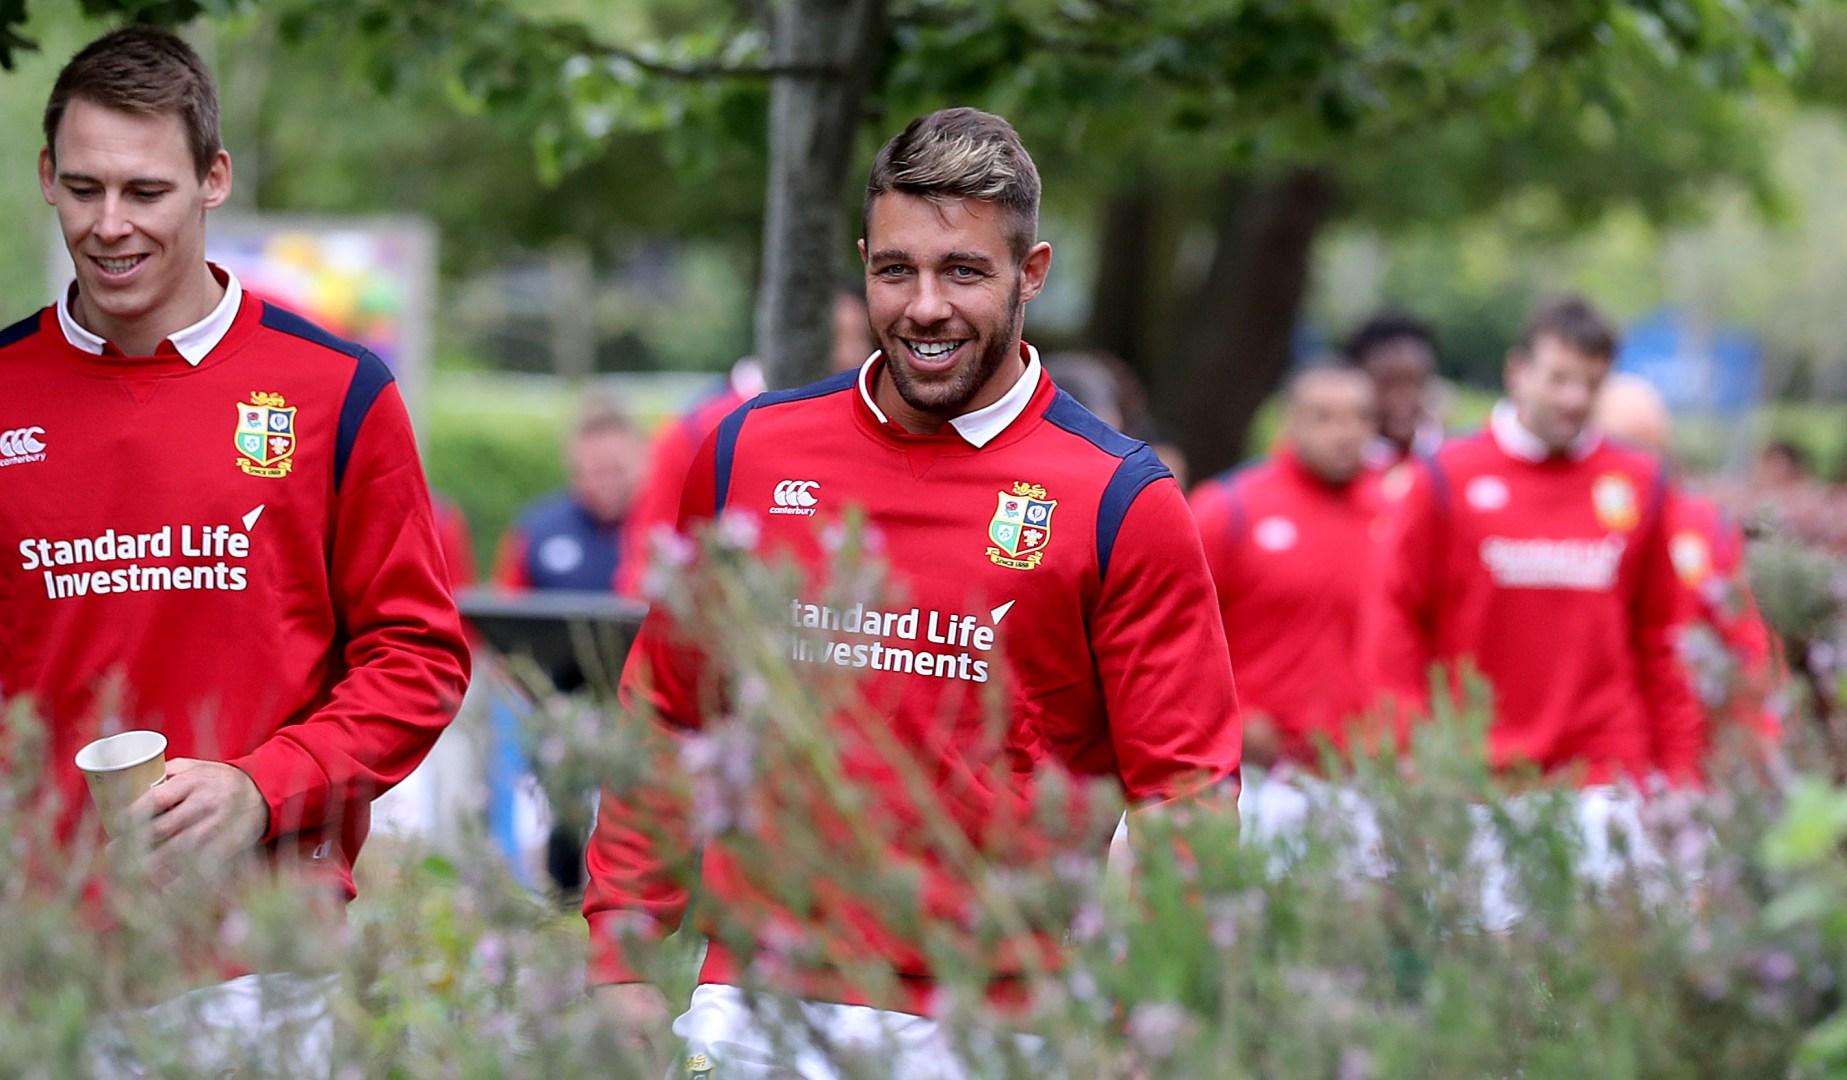 Ospreys' Lions quartet set for Munster test